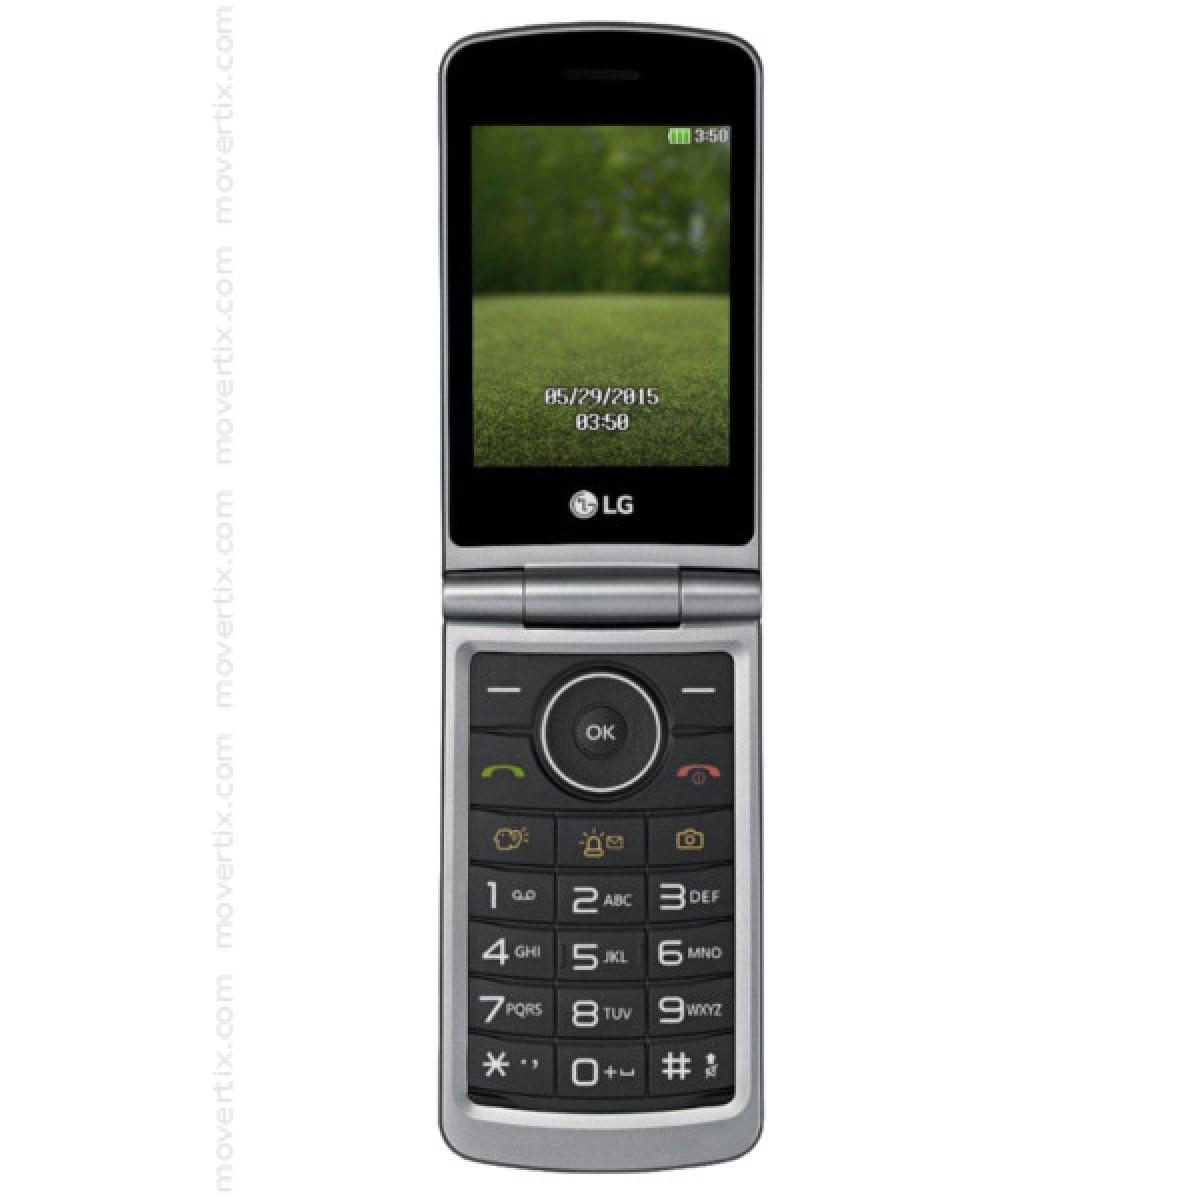 lg g351 titan 8806087016734 movertix mobile phones shop. Black Bedroom Furniture Sets. Home Design Ideas